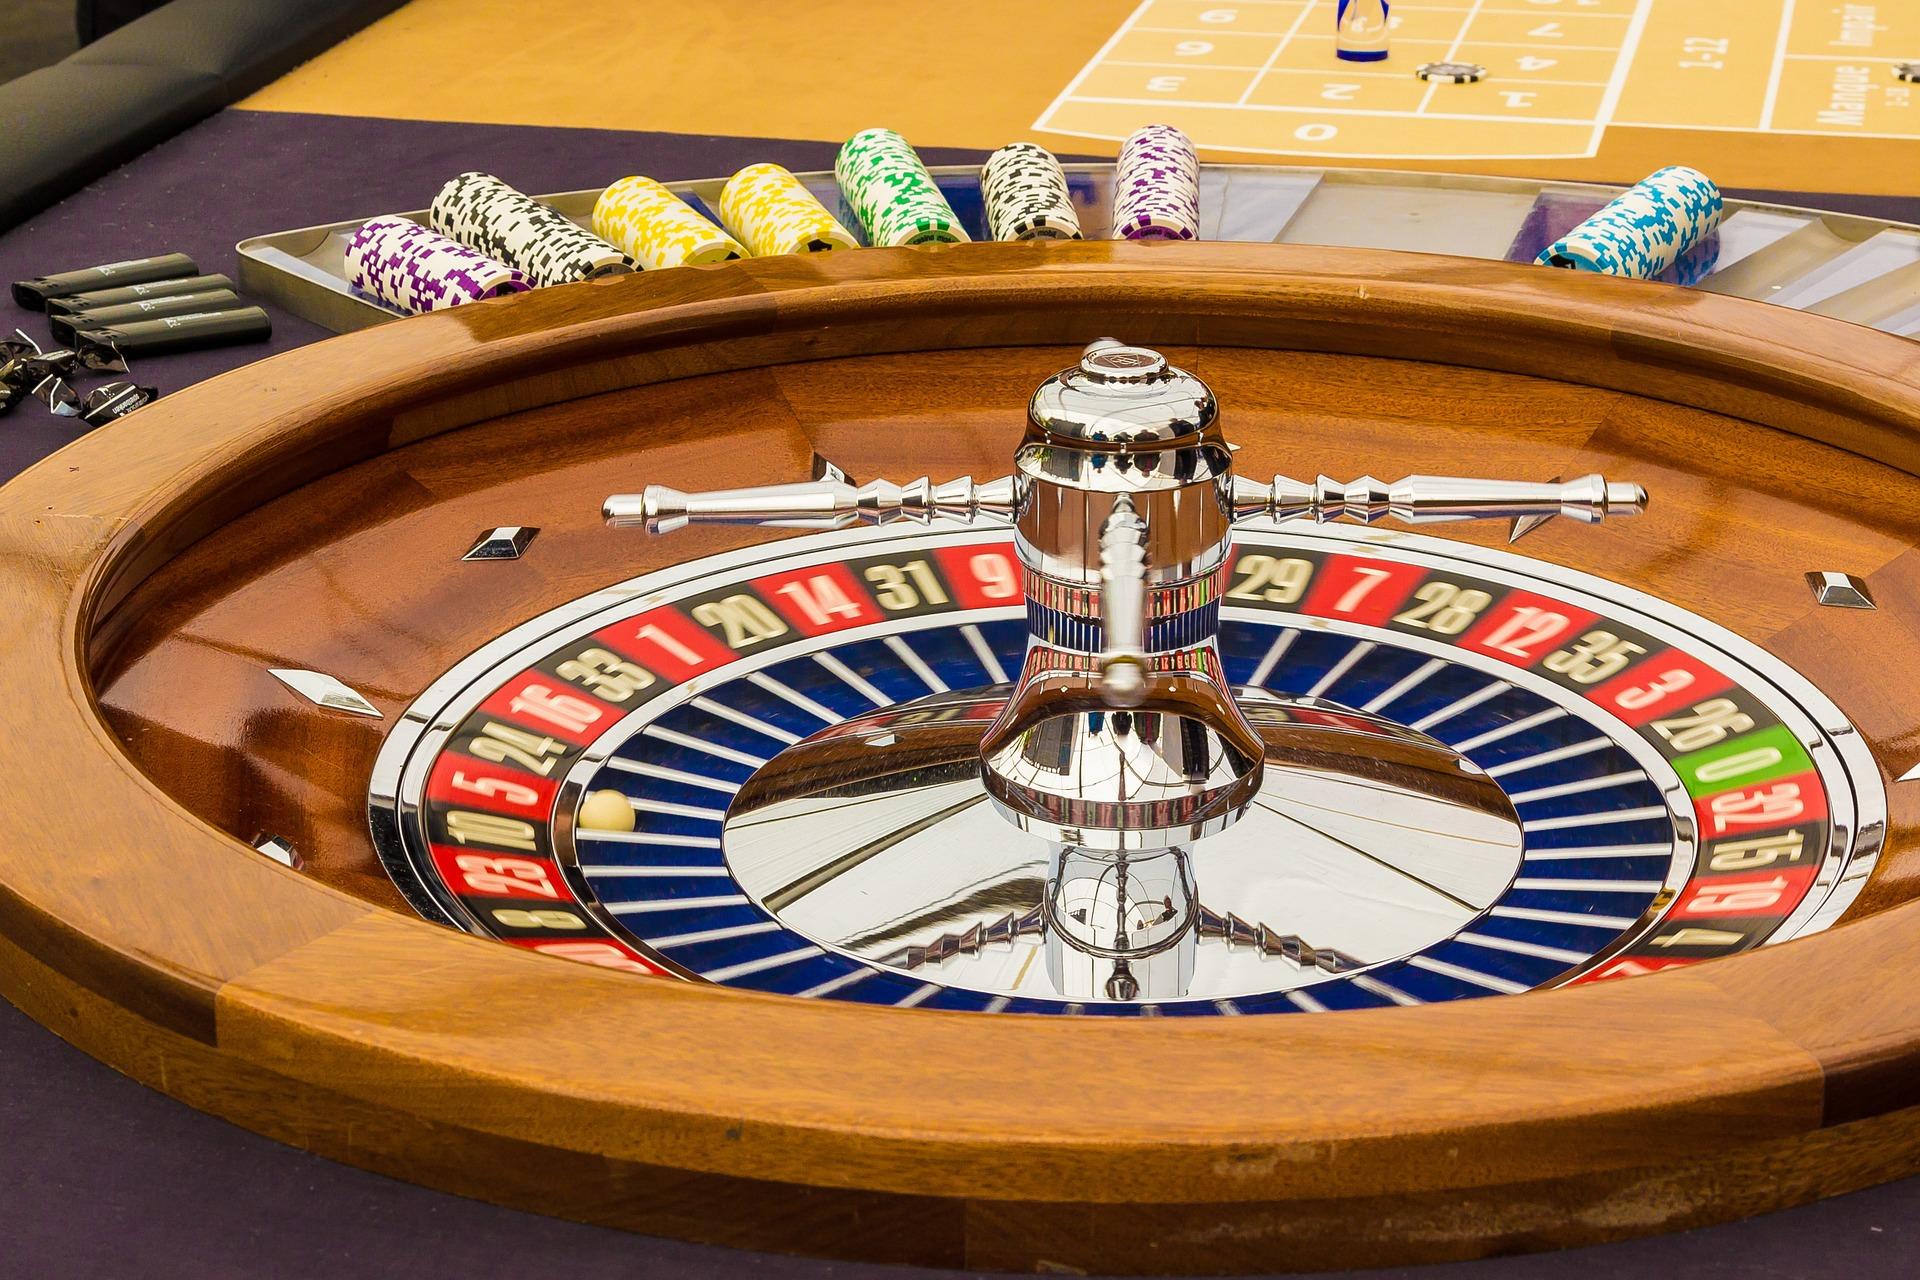 roulette-1253621_1920